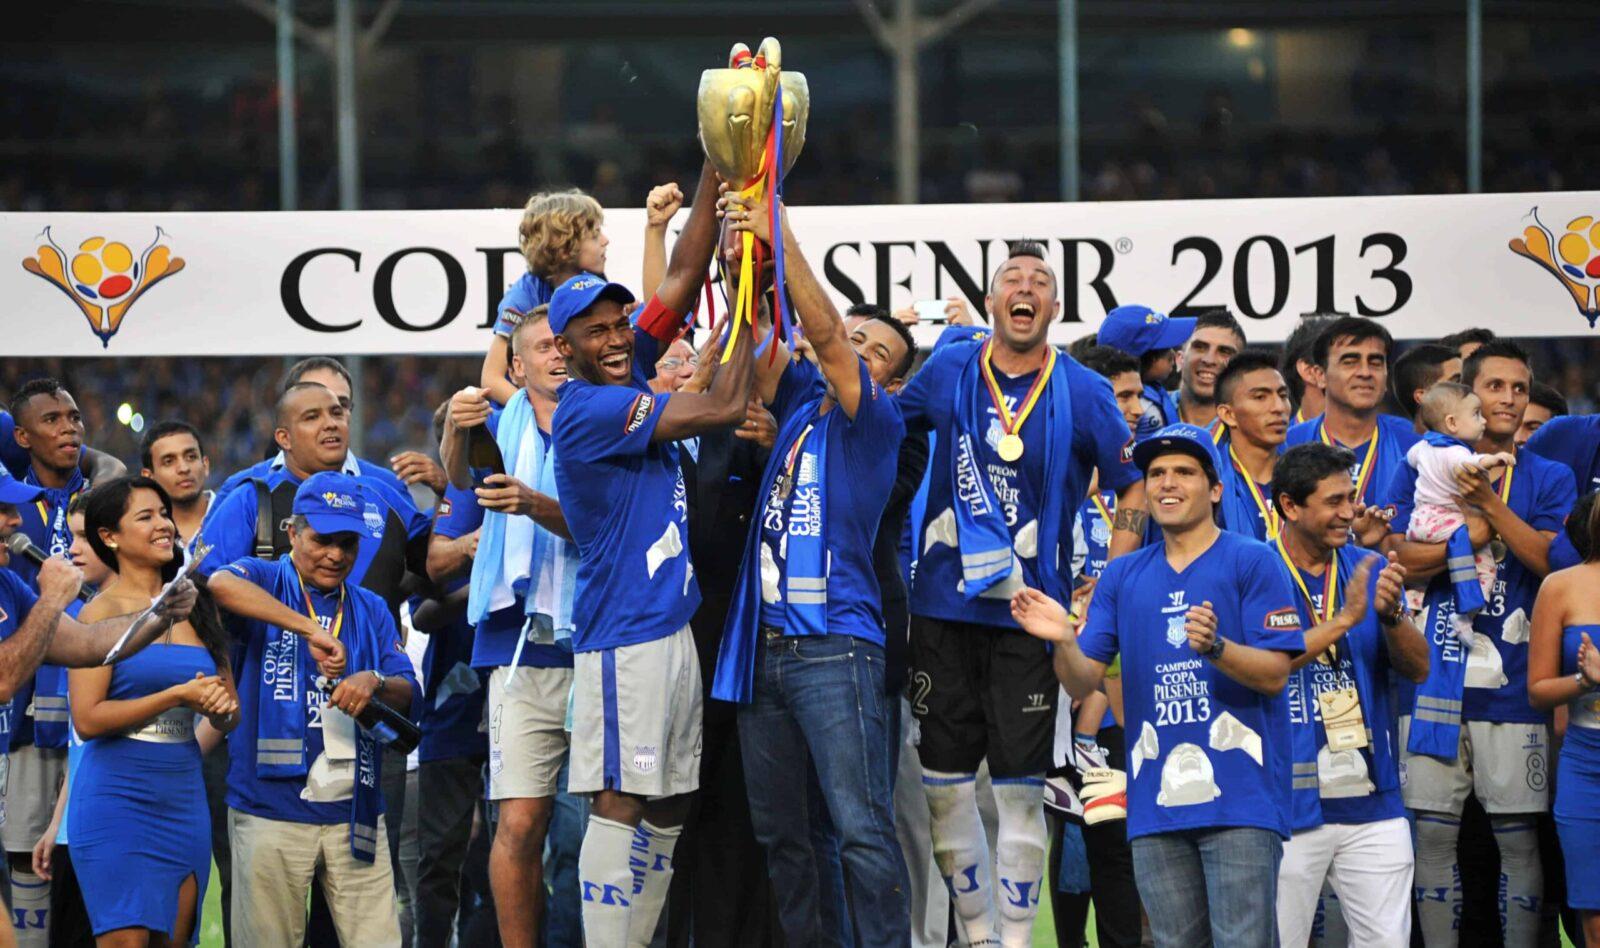 emelec campeón 2013 obtiene su undécima corona